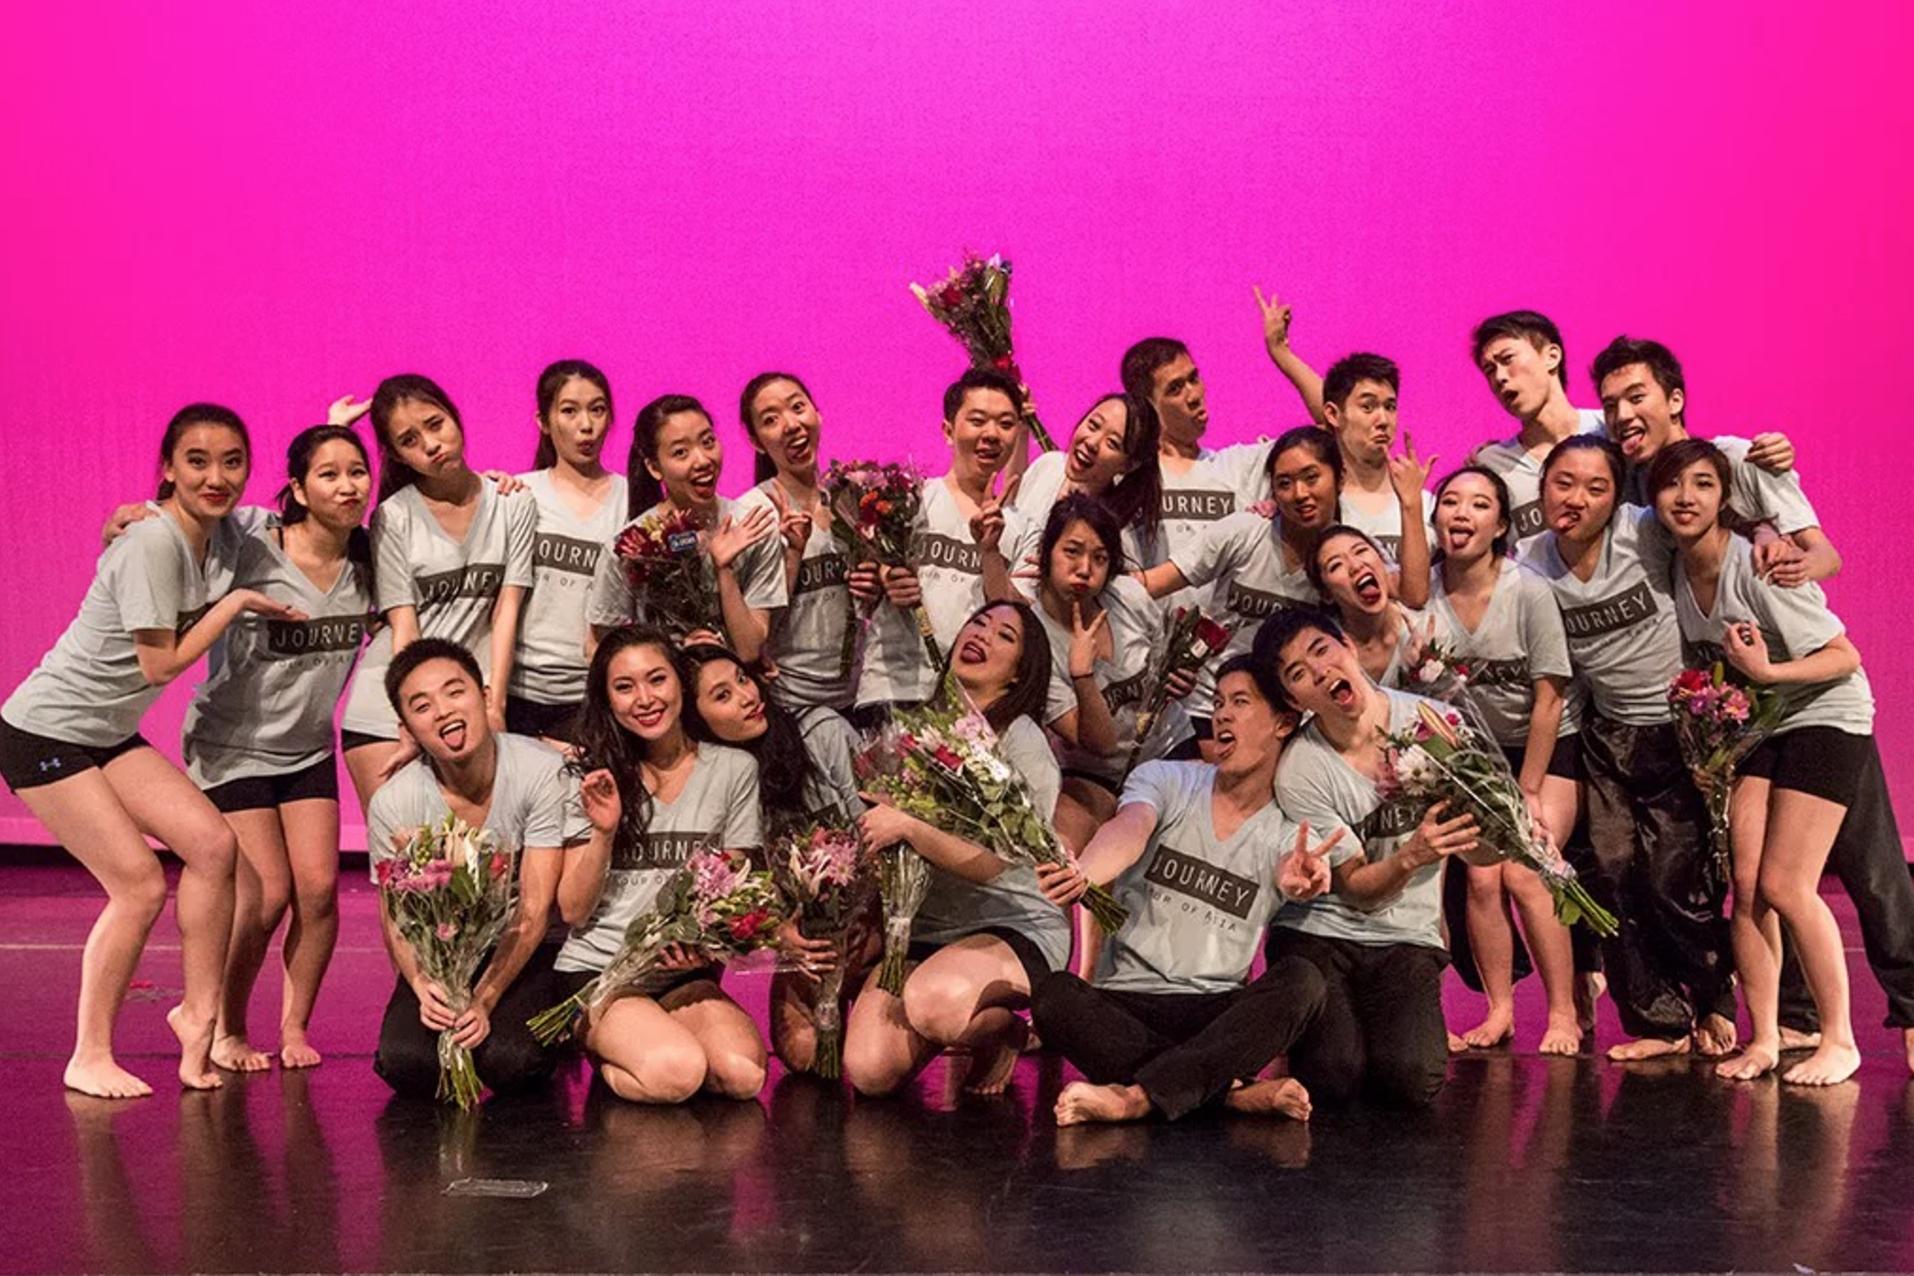 Class of 2015 - Renyao Wei, Mengshu Shen, Qingying Xia, Christine Wu, Steven Huang, David Kim